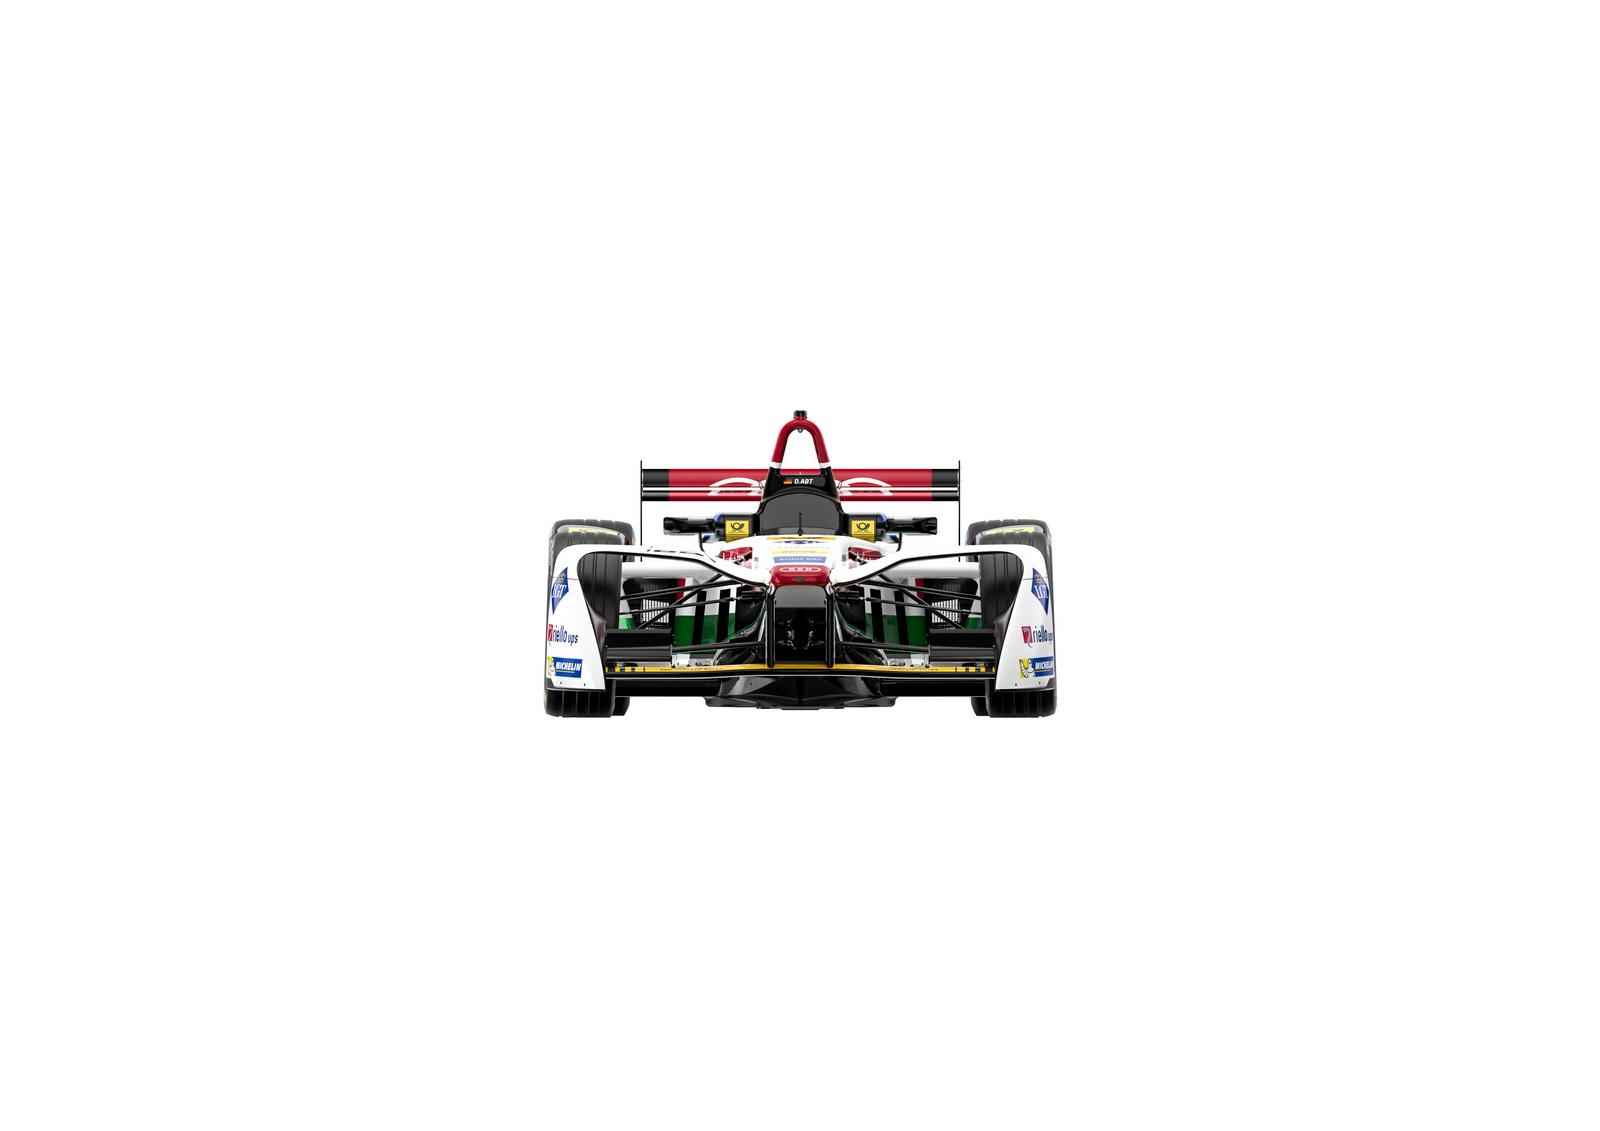 Audi e-tron FE04 #66 (Audi Sport ABT Schaeffler), Daniel Abt